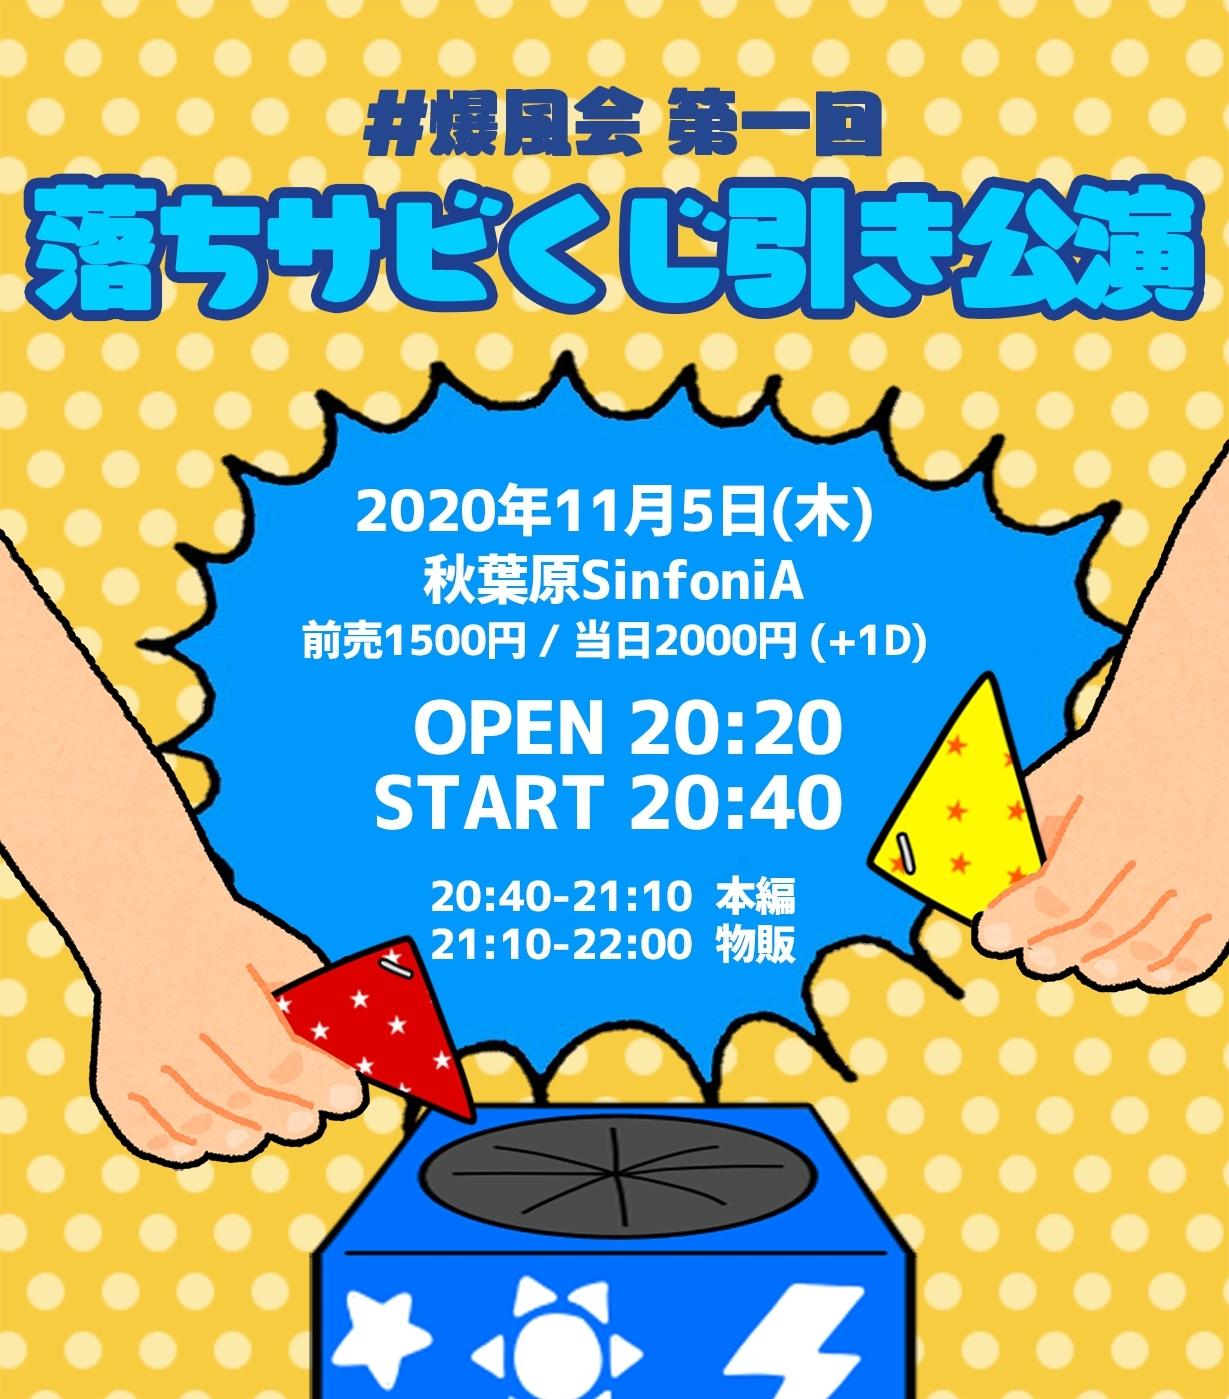 #爆風会 第一回 落ちサビくじ引き公演